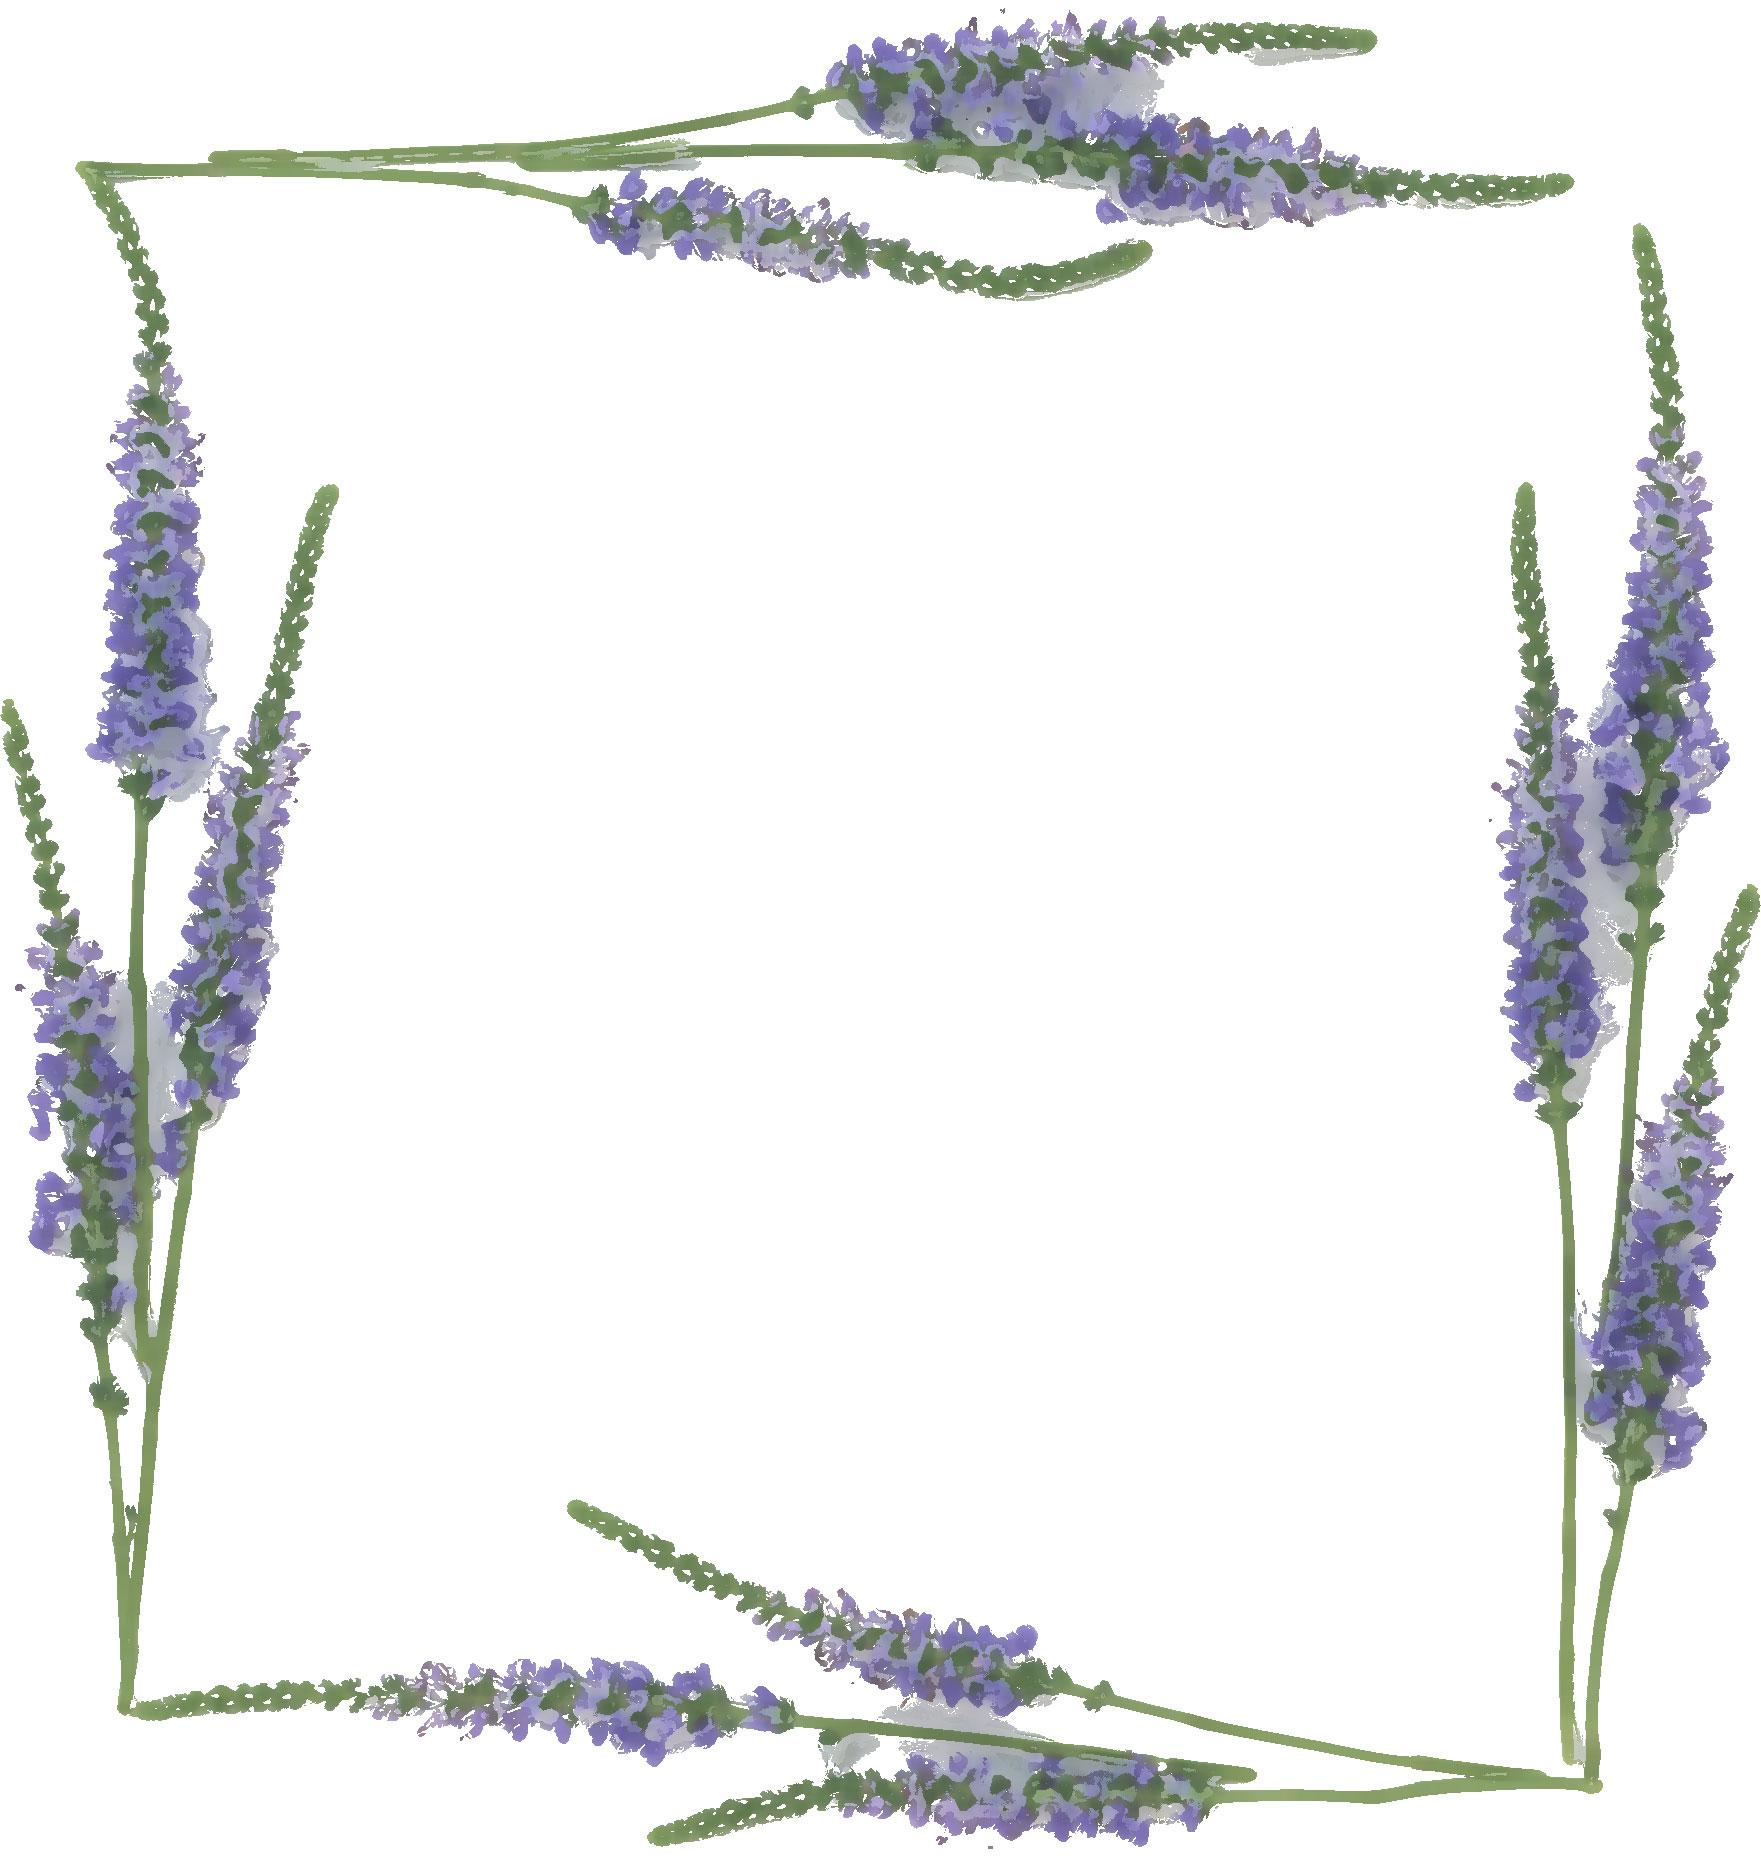 紫色の花のイラストフリー素材no335ラベンダー